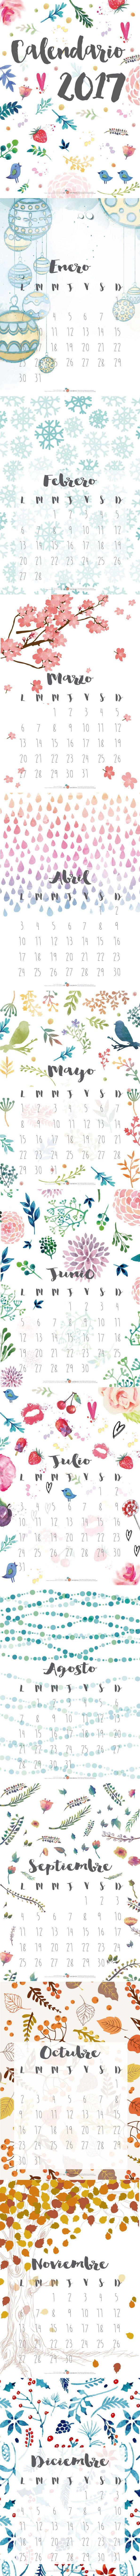 Calendario 2017 descargable gratuito. Disponible en www.miamandarina.es